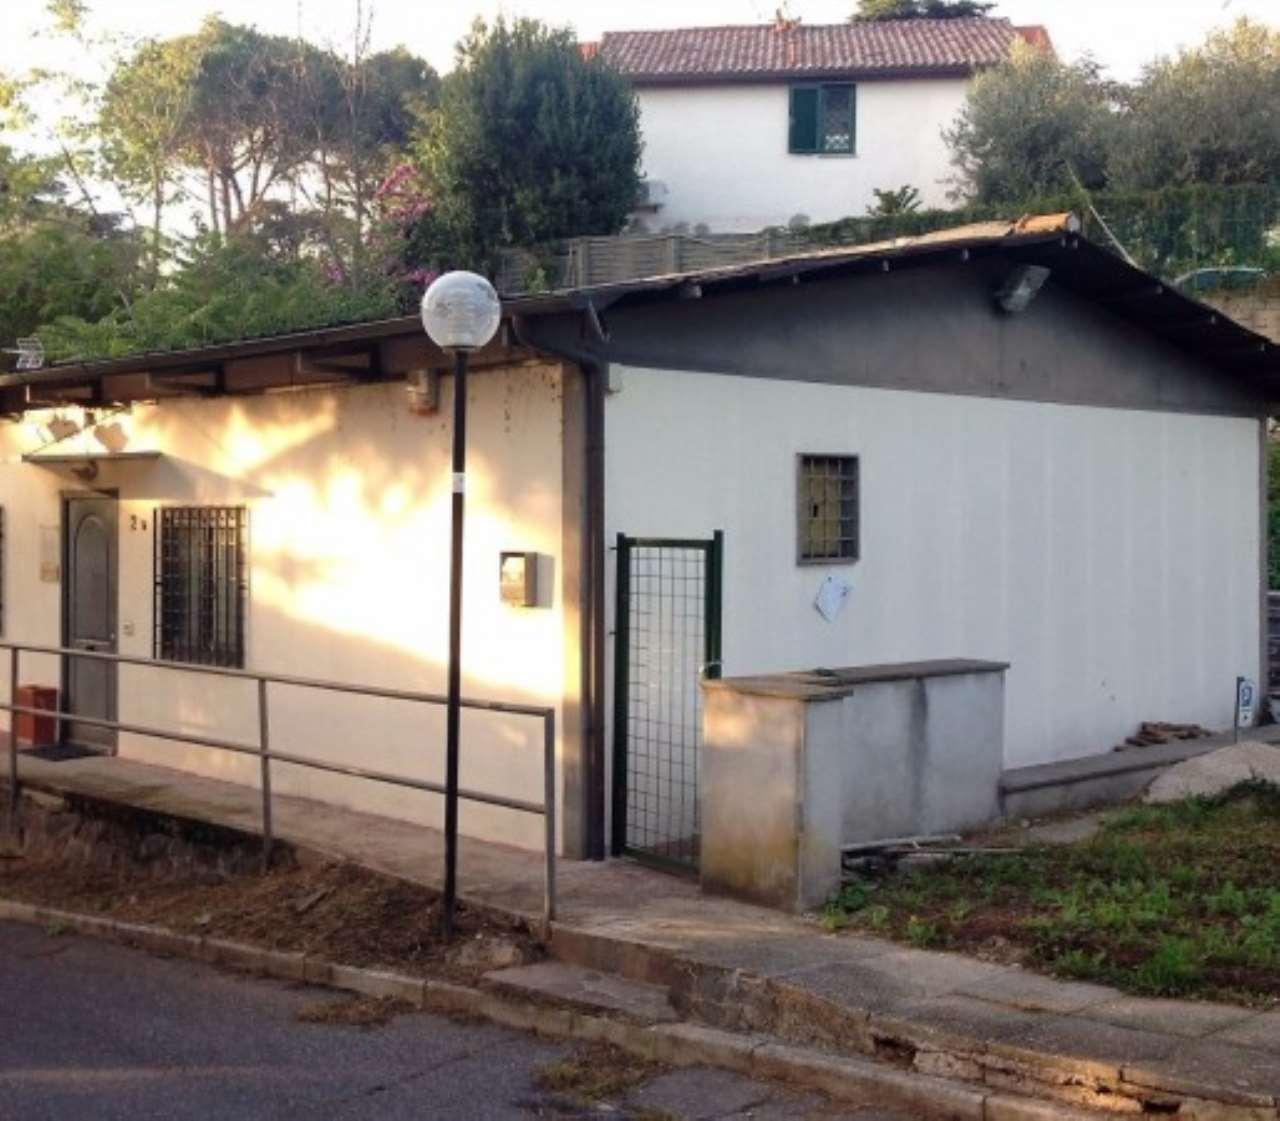 Soluzione Indipendente in affitto a Frascati, 4 locali, prezzo € 950 | CambioCasa.it